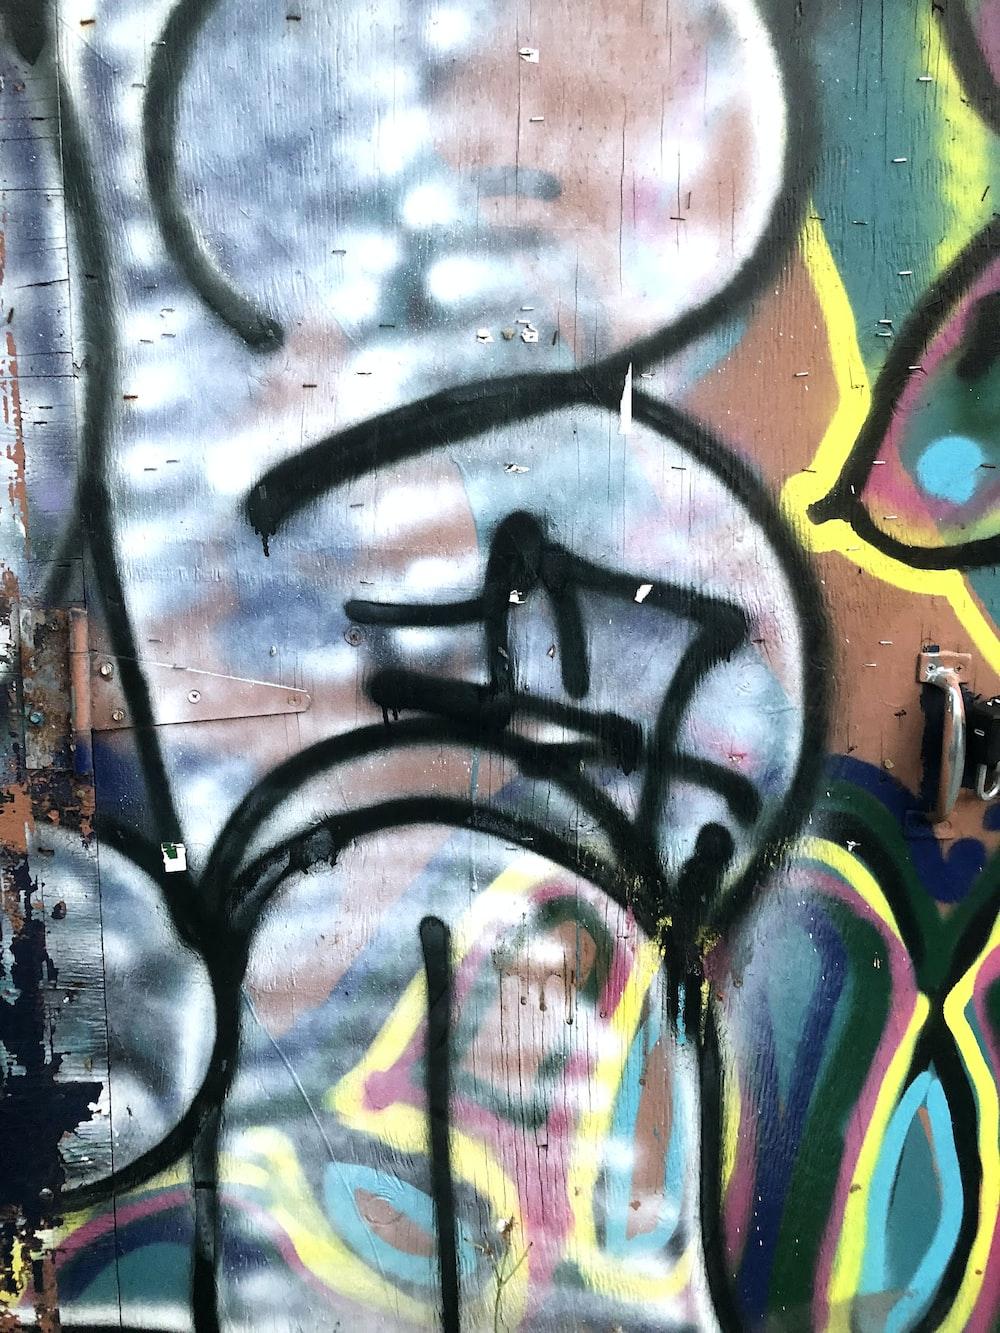 black yellow and blue graffiti